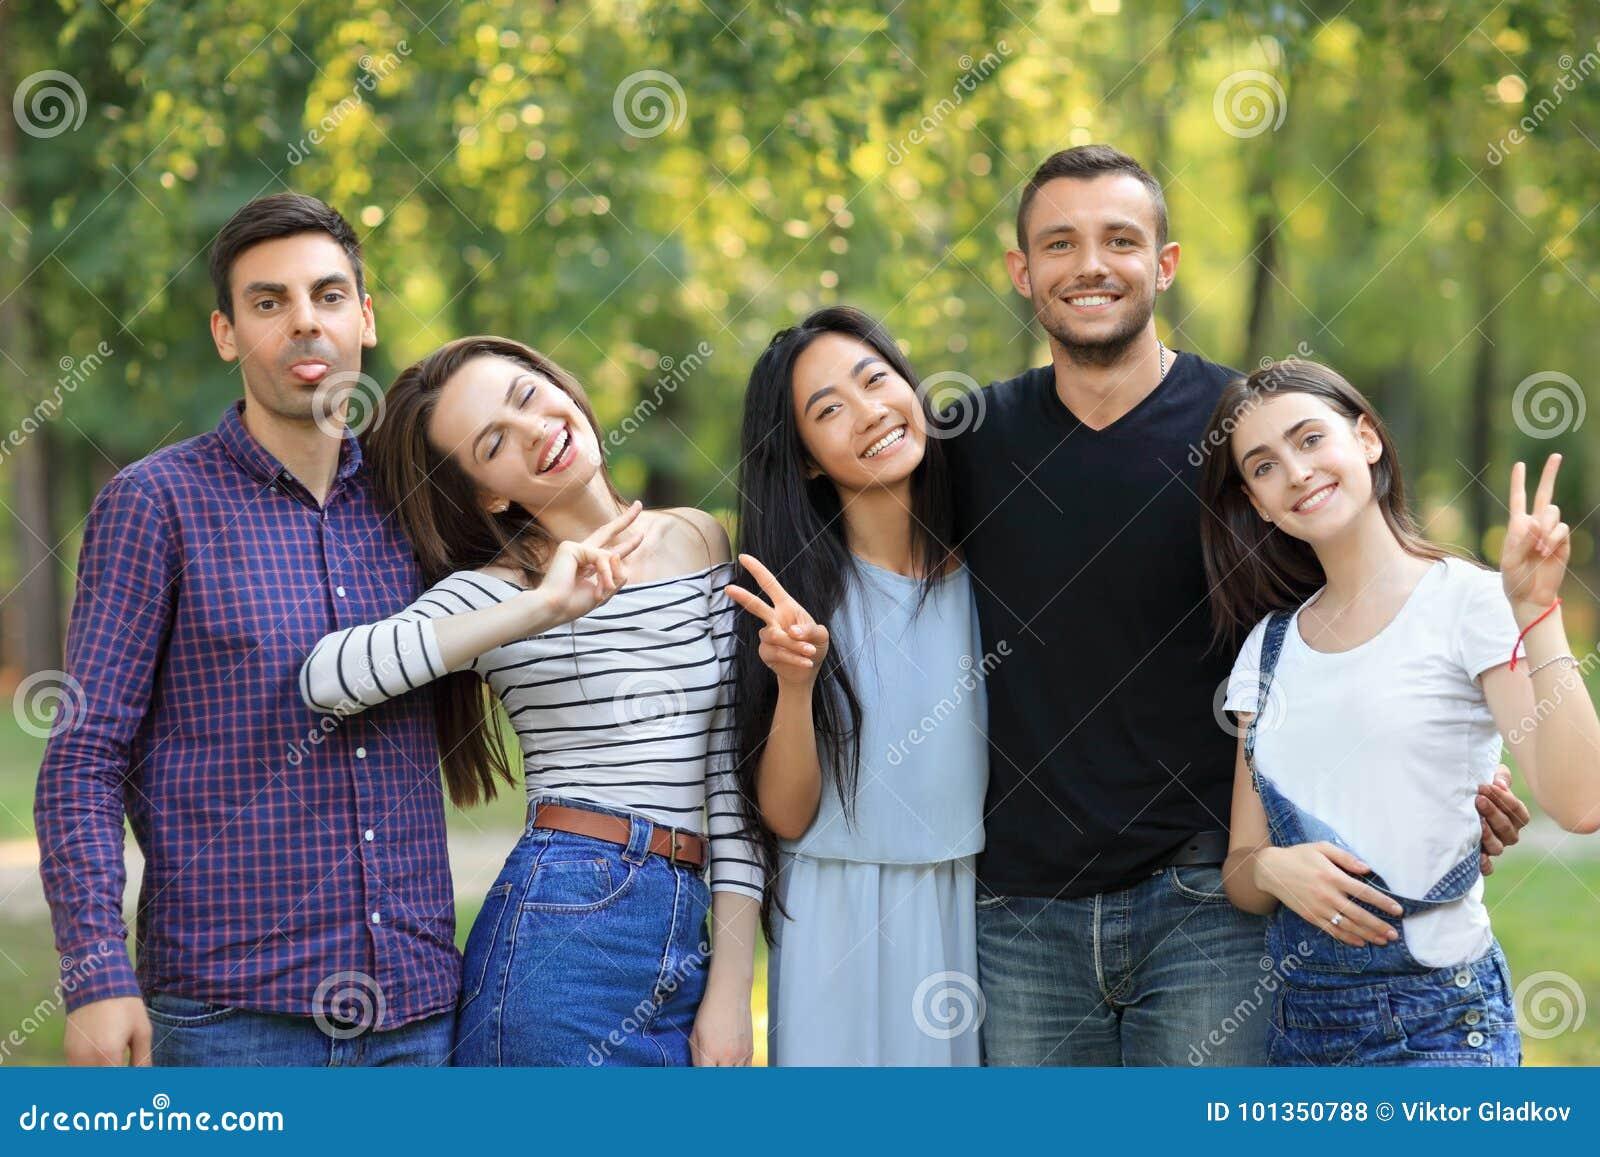 Lyckliga vänmän och kvinnor med ansiktsuttryck och gester